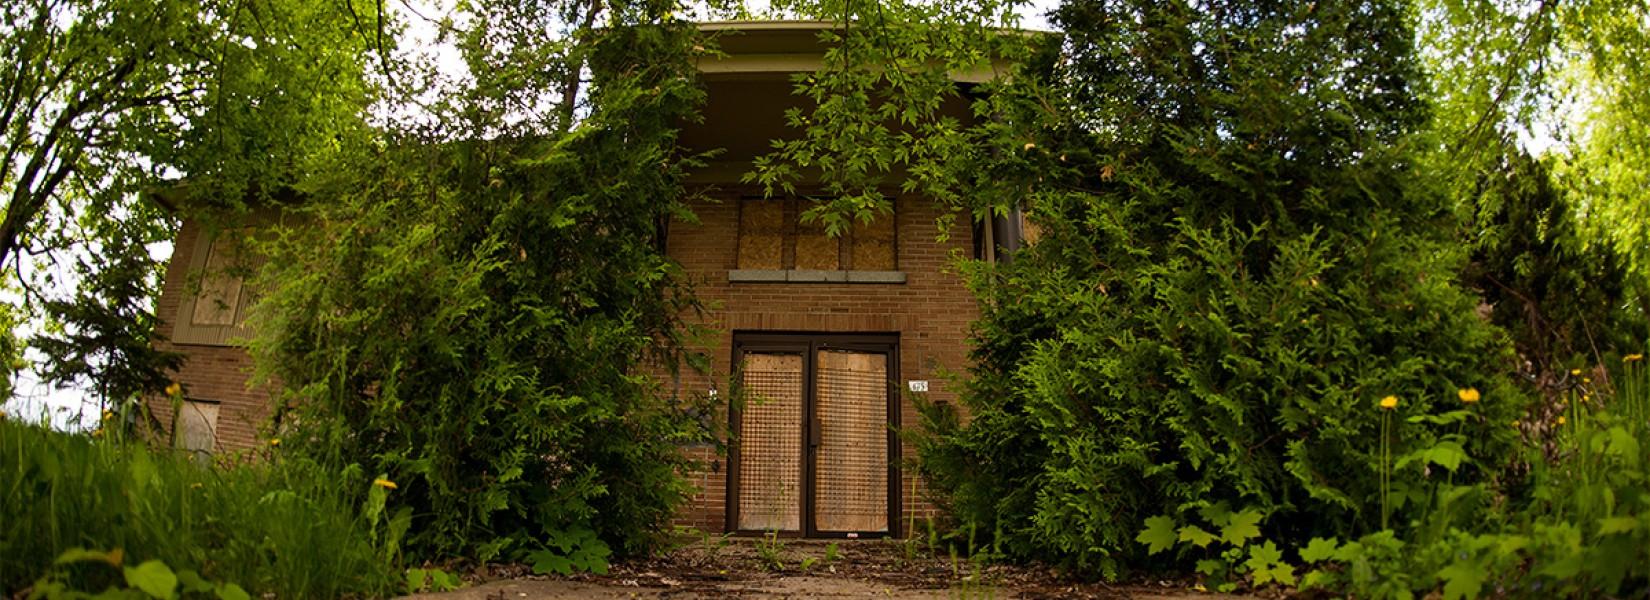 L'école Pagé, aujourd'hui abandonnée